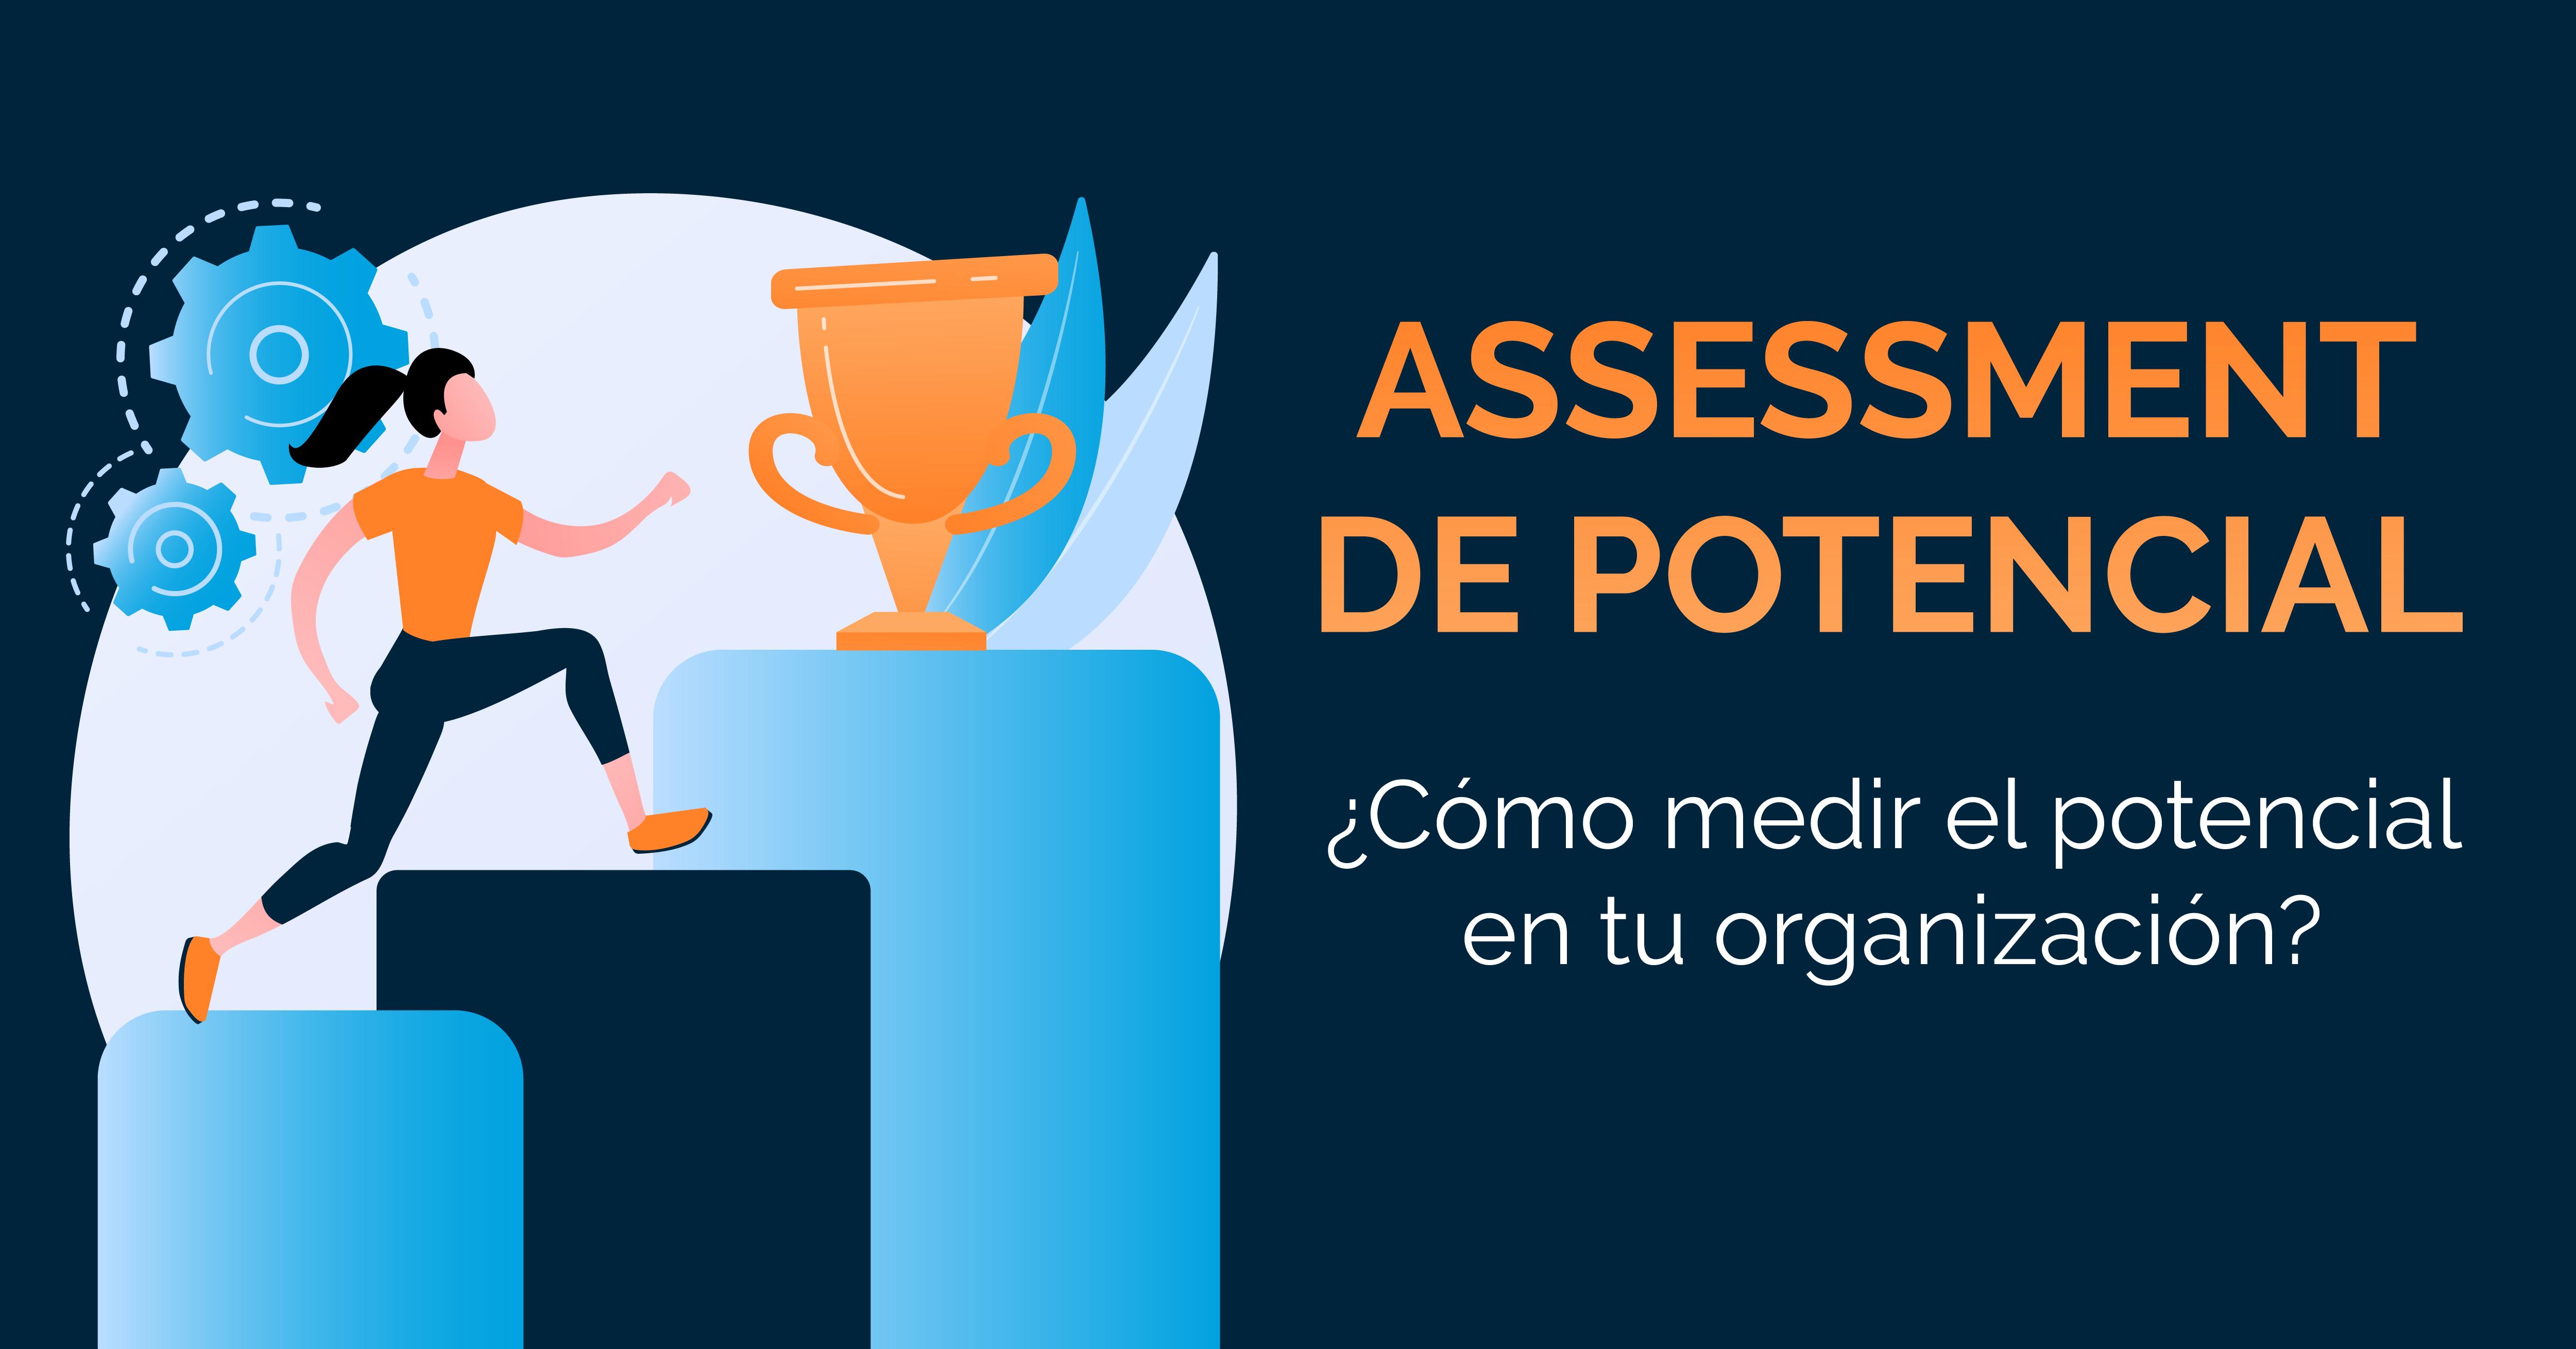 Assessment de potencial: Cómo medir el potencial en tu organización?